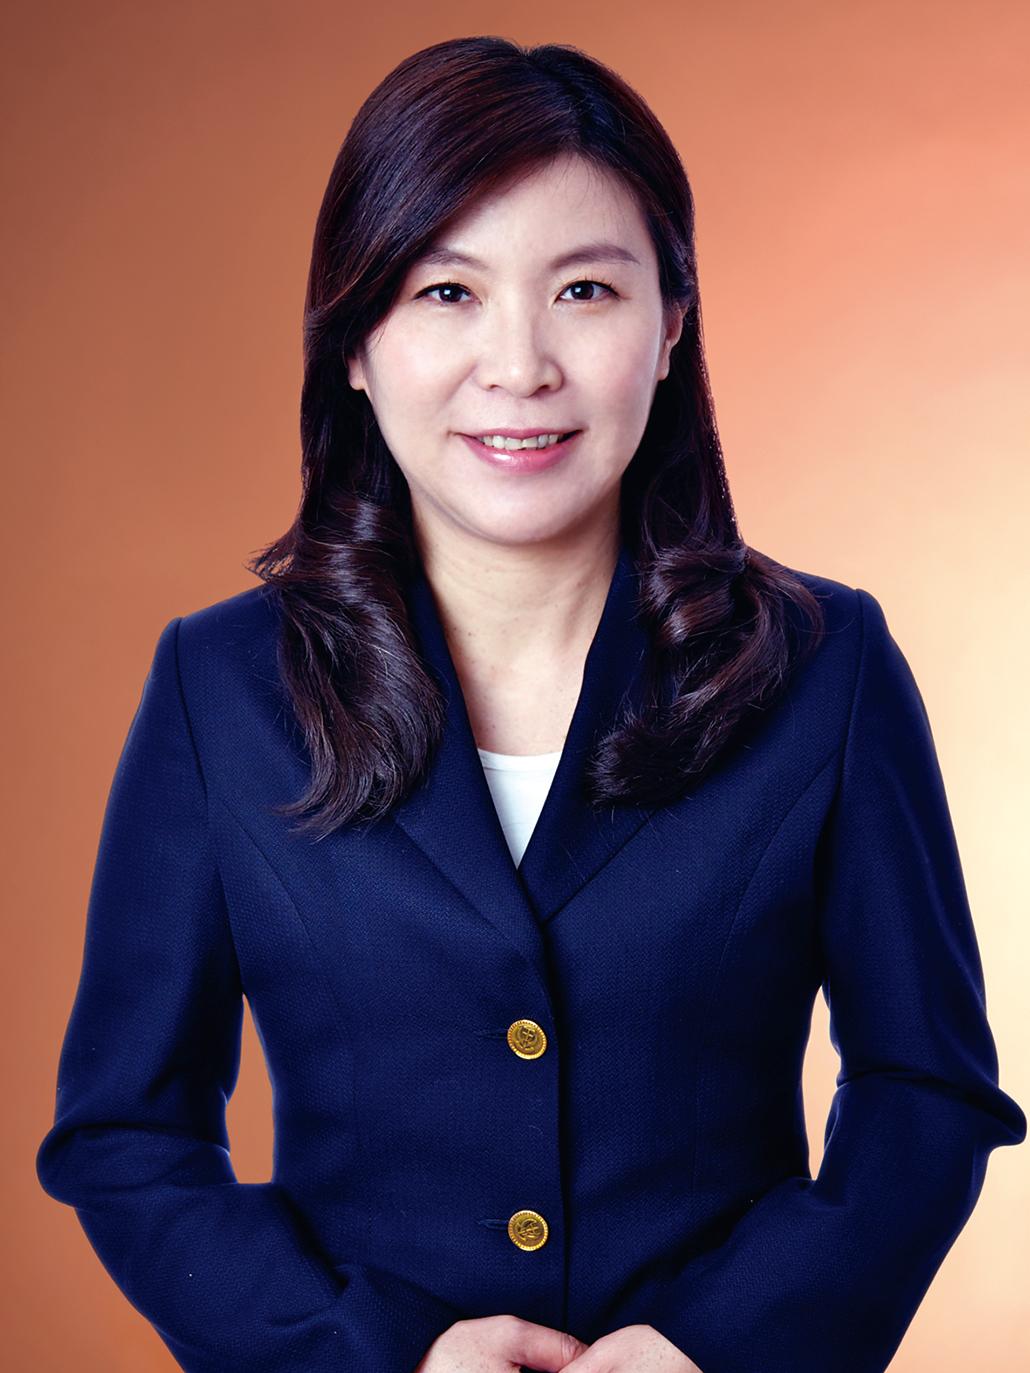 張惠雅肖像